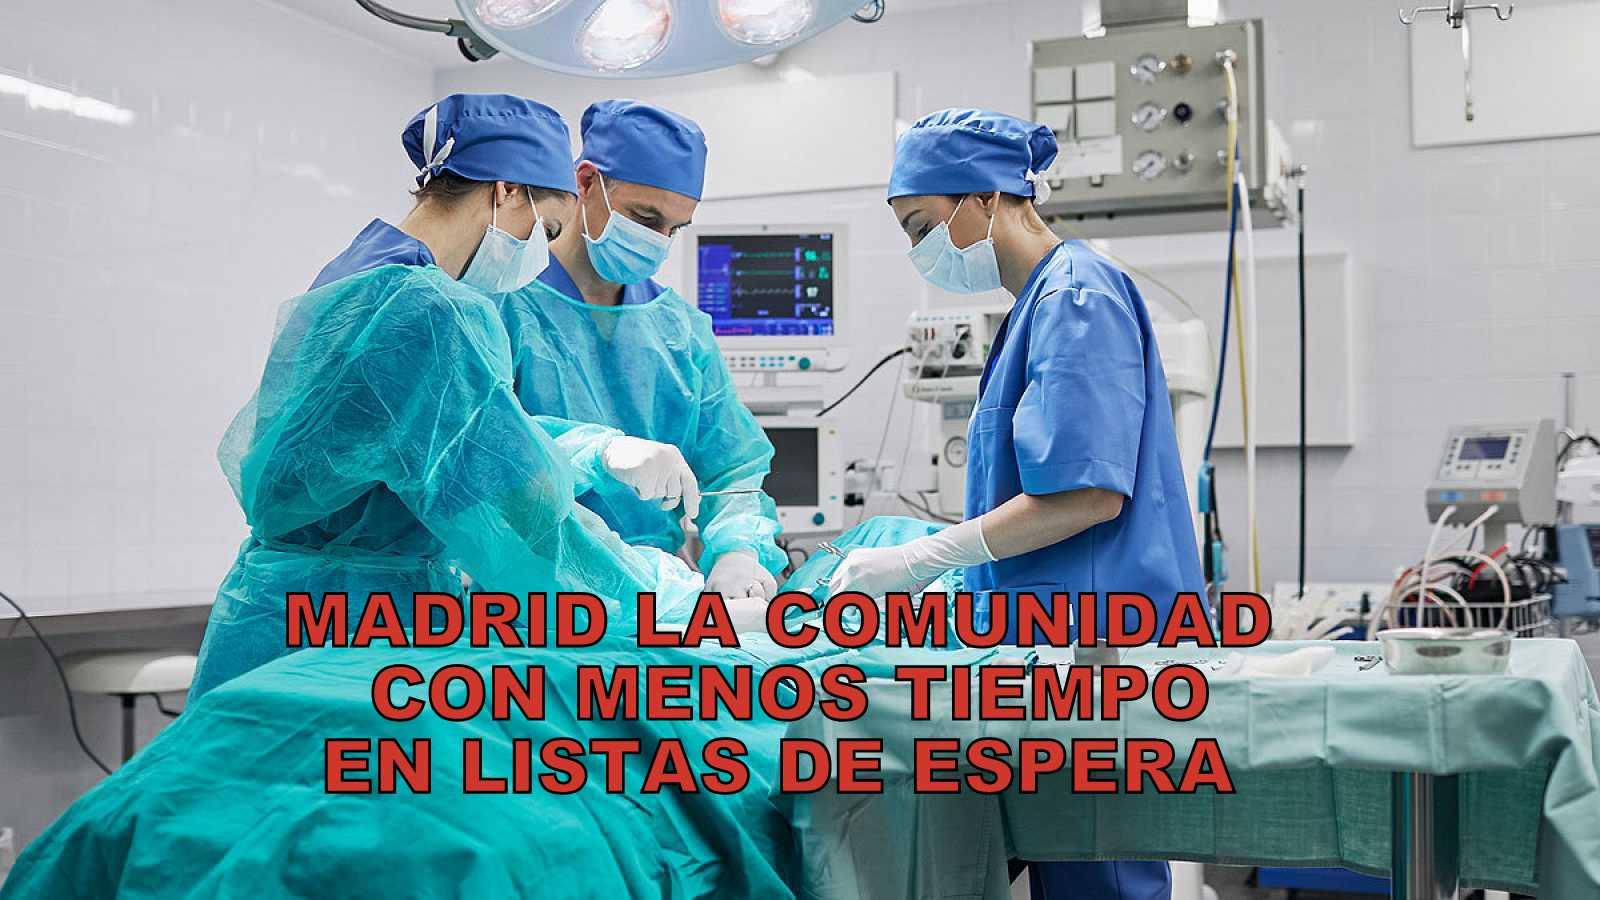 Madrid es la comunidad autónoma con menos tiempo de espera en las listas de la Sanidad Pública.